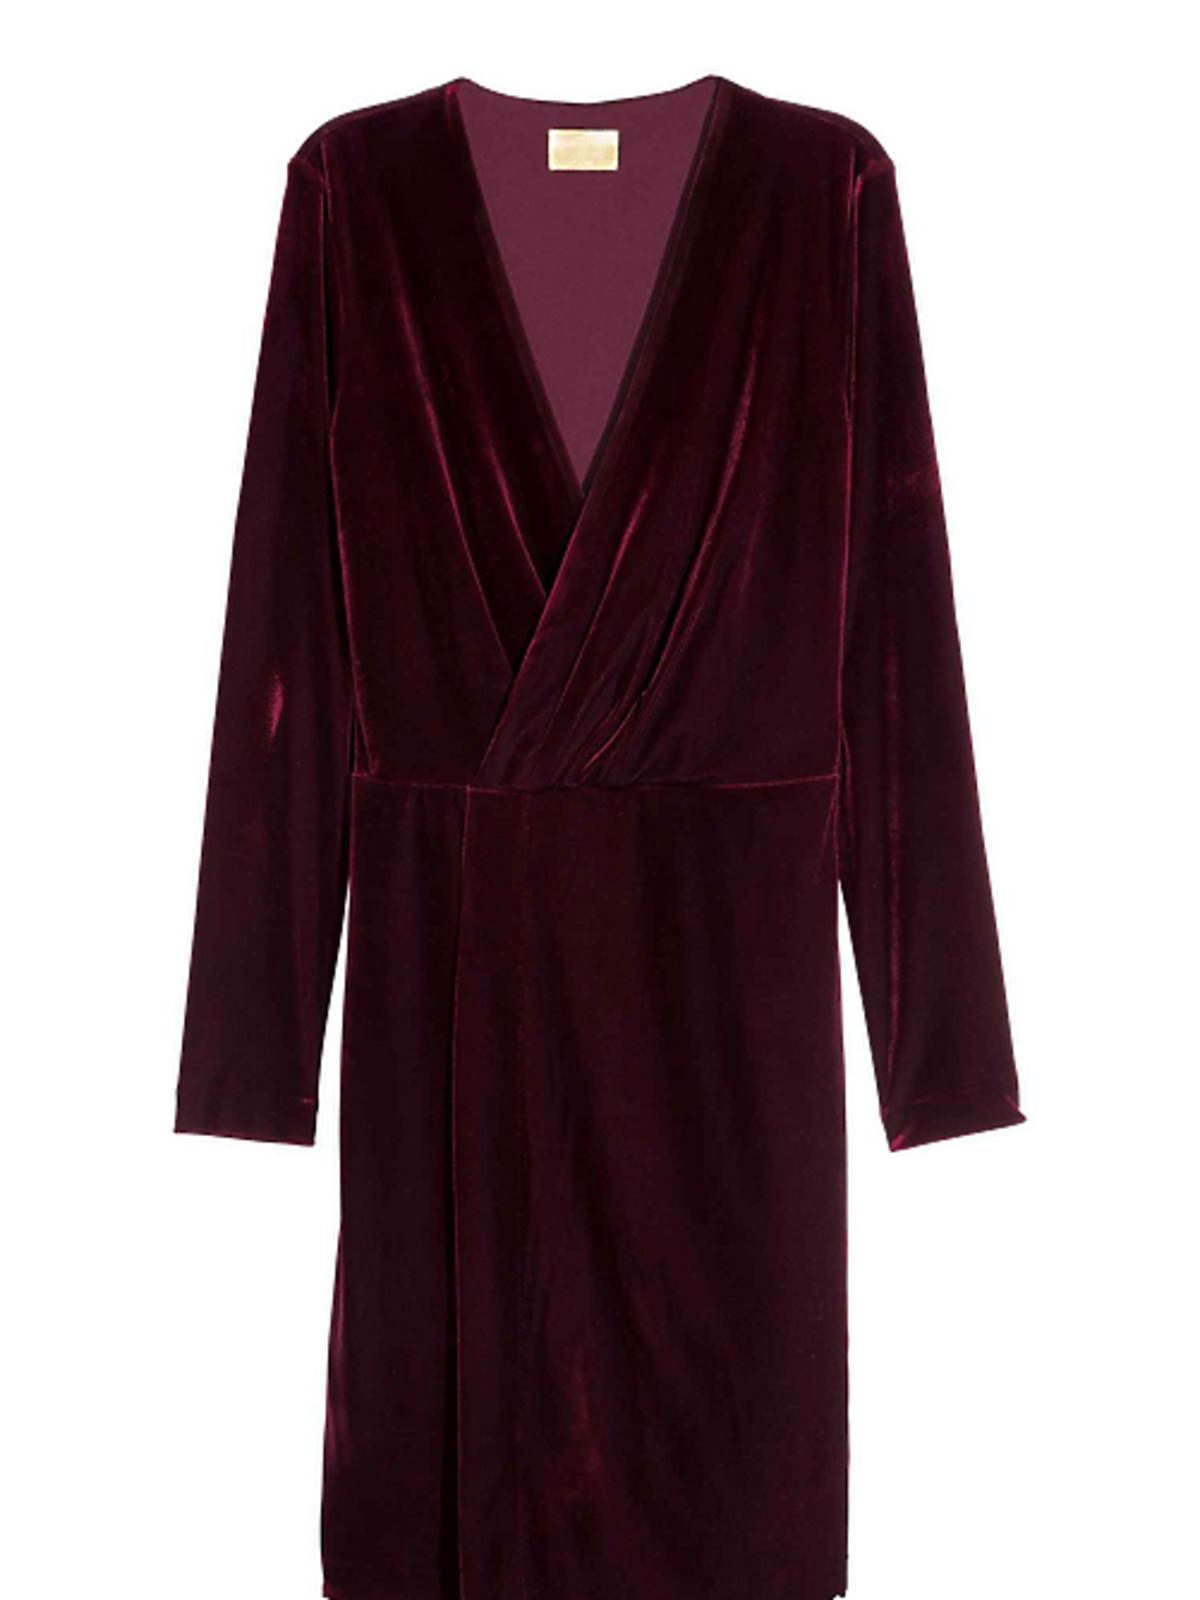 Welurowa sukienka, H&M, 149 złotych